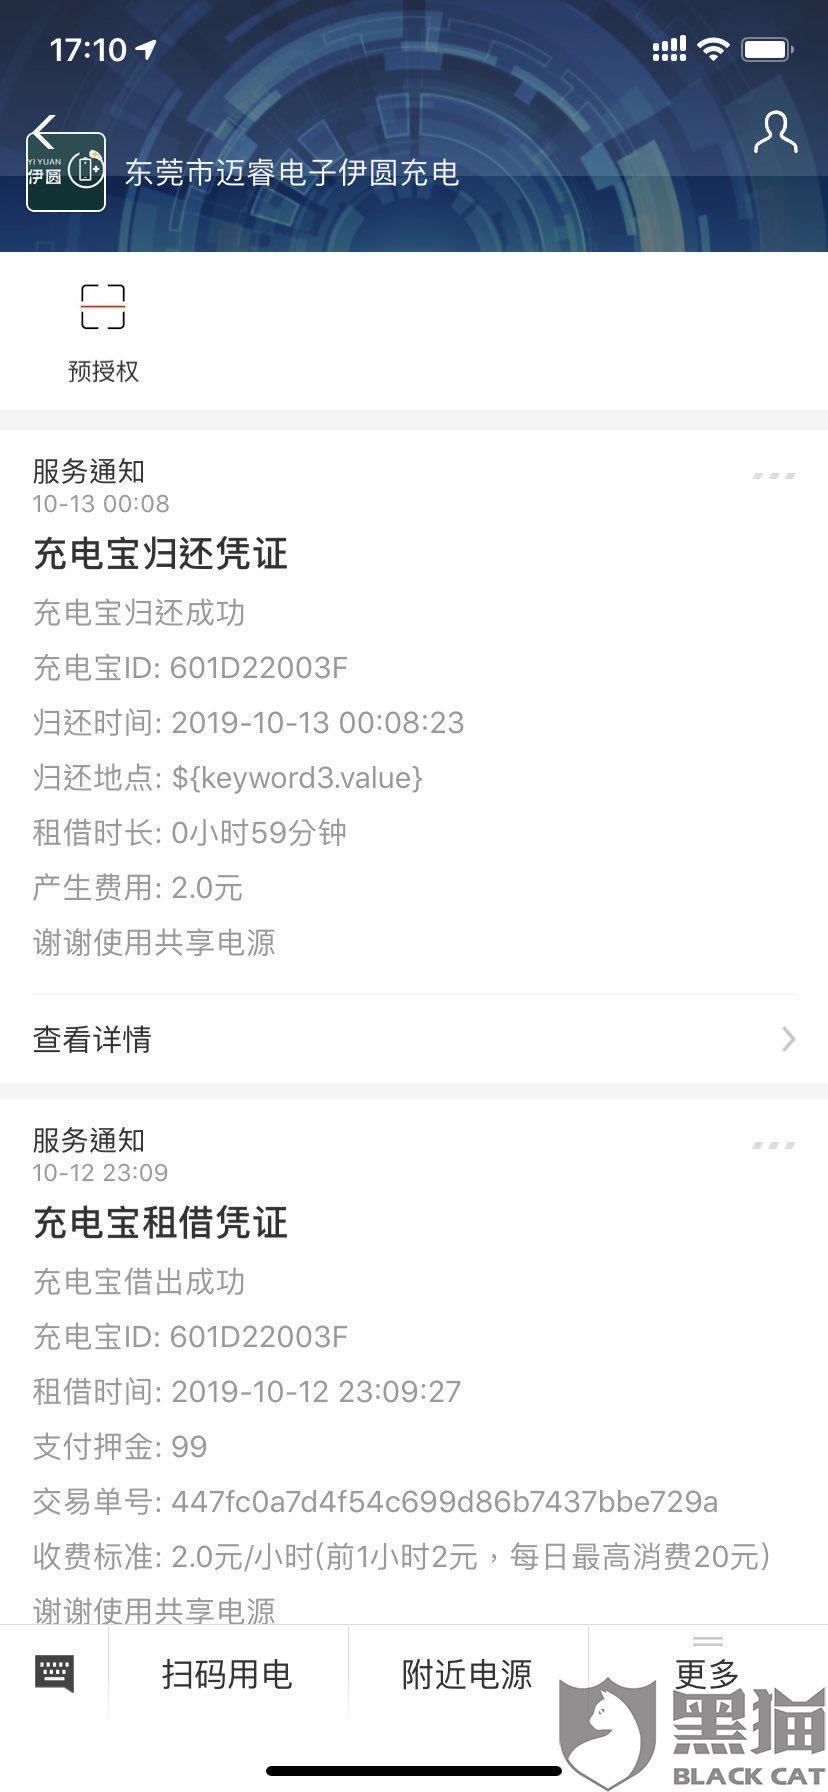 黑猫投诉:十月12号 在东莞市迈睿电子伊圆充电借了充电宝 押金 99元 现在还没有退回押金